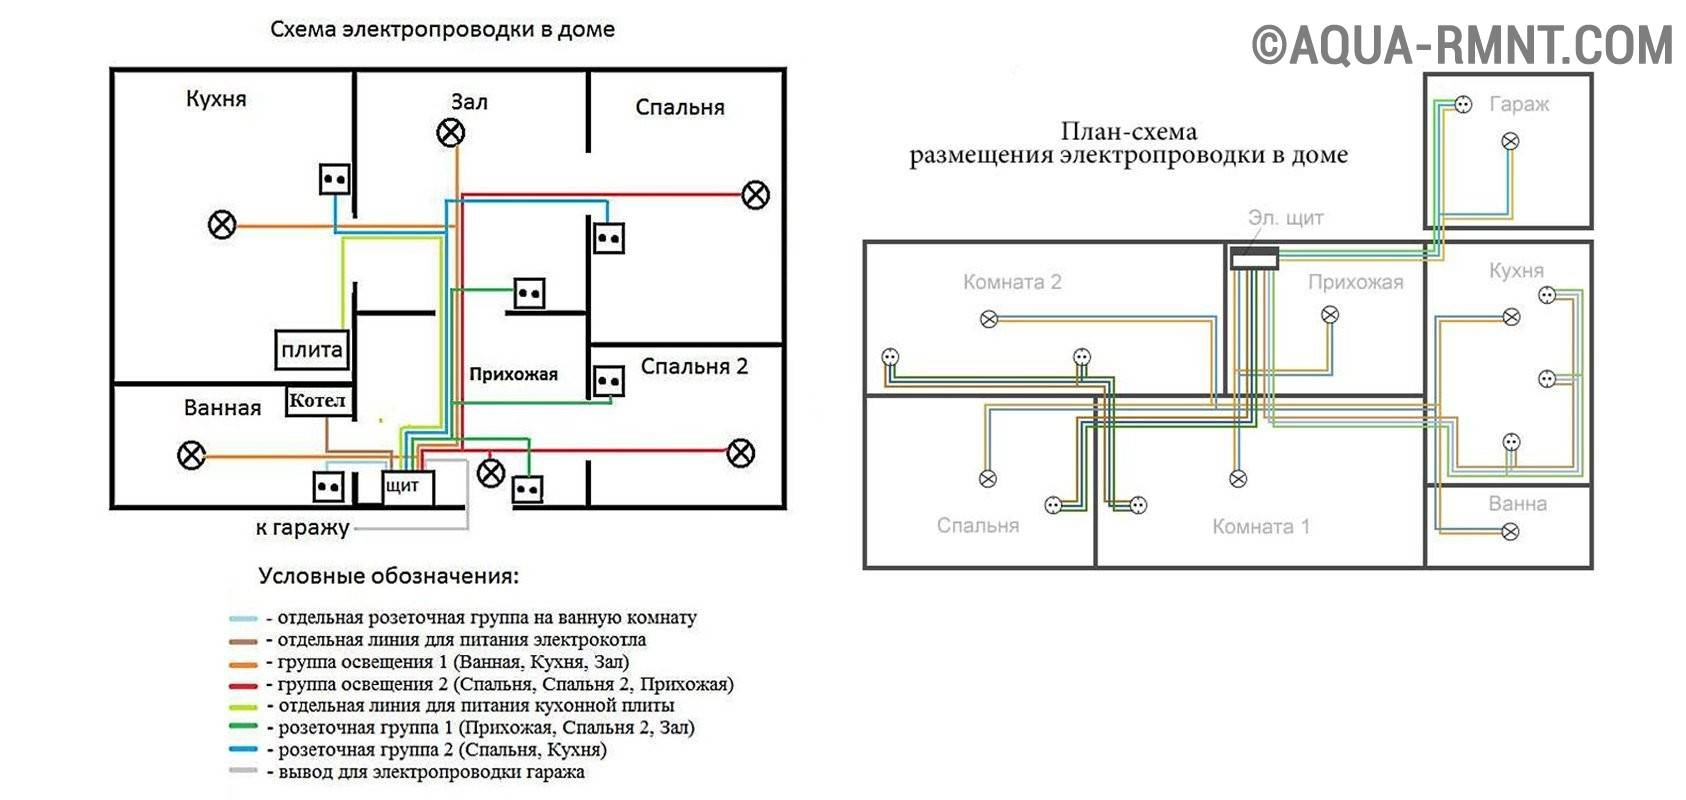 6 советов по монтажу электропроводки в деревянном доме  | строительный блог вити петрова